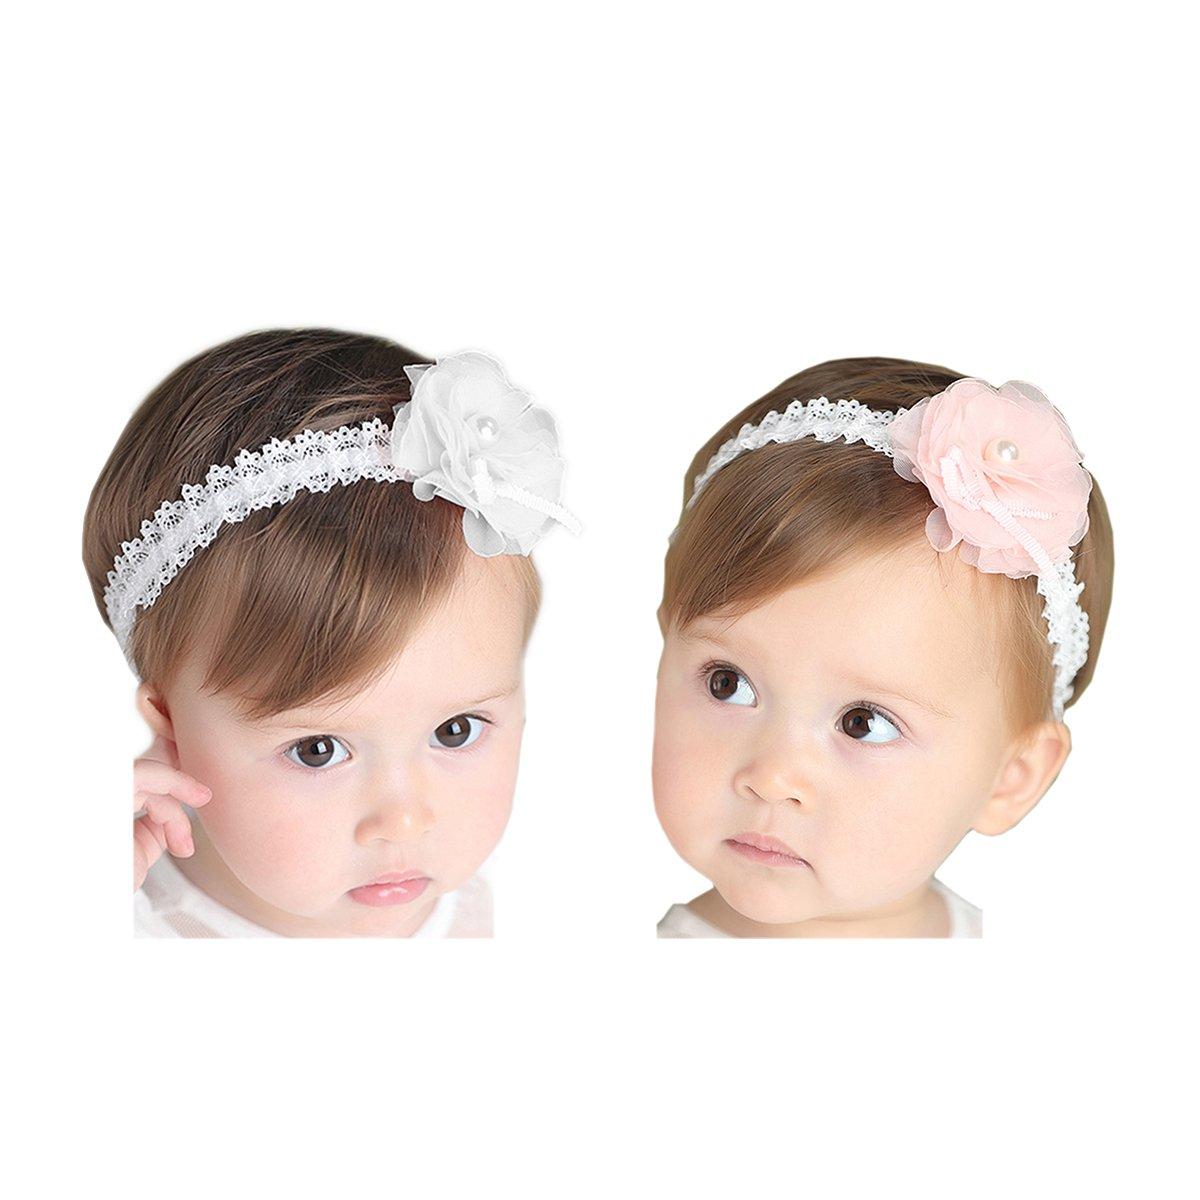 Hocaies 2 St/ück Baby Kinder Haarband M/ädchen Stirnband Kopfband Blumen Bl/üte Haarschmuck Headband Hairband Babygeschenke Taufe Geschenksets 01